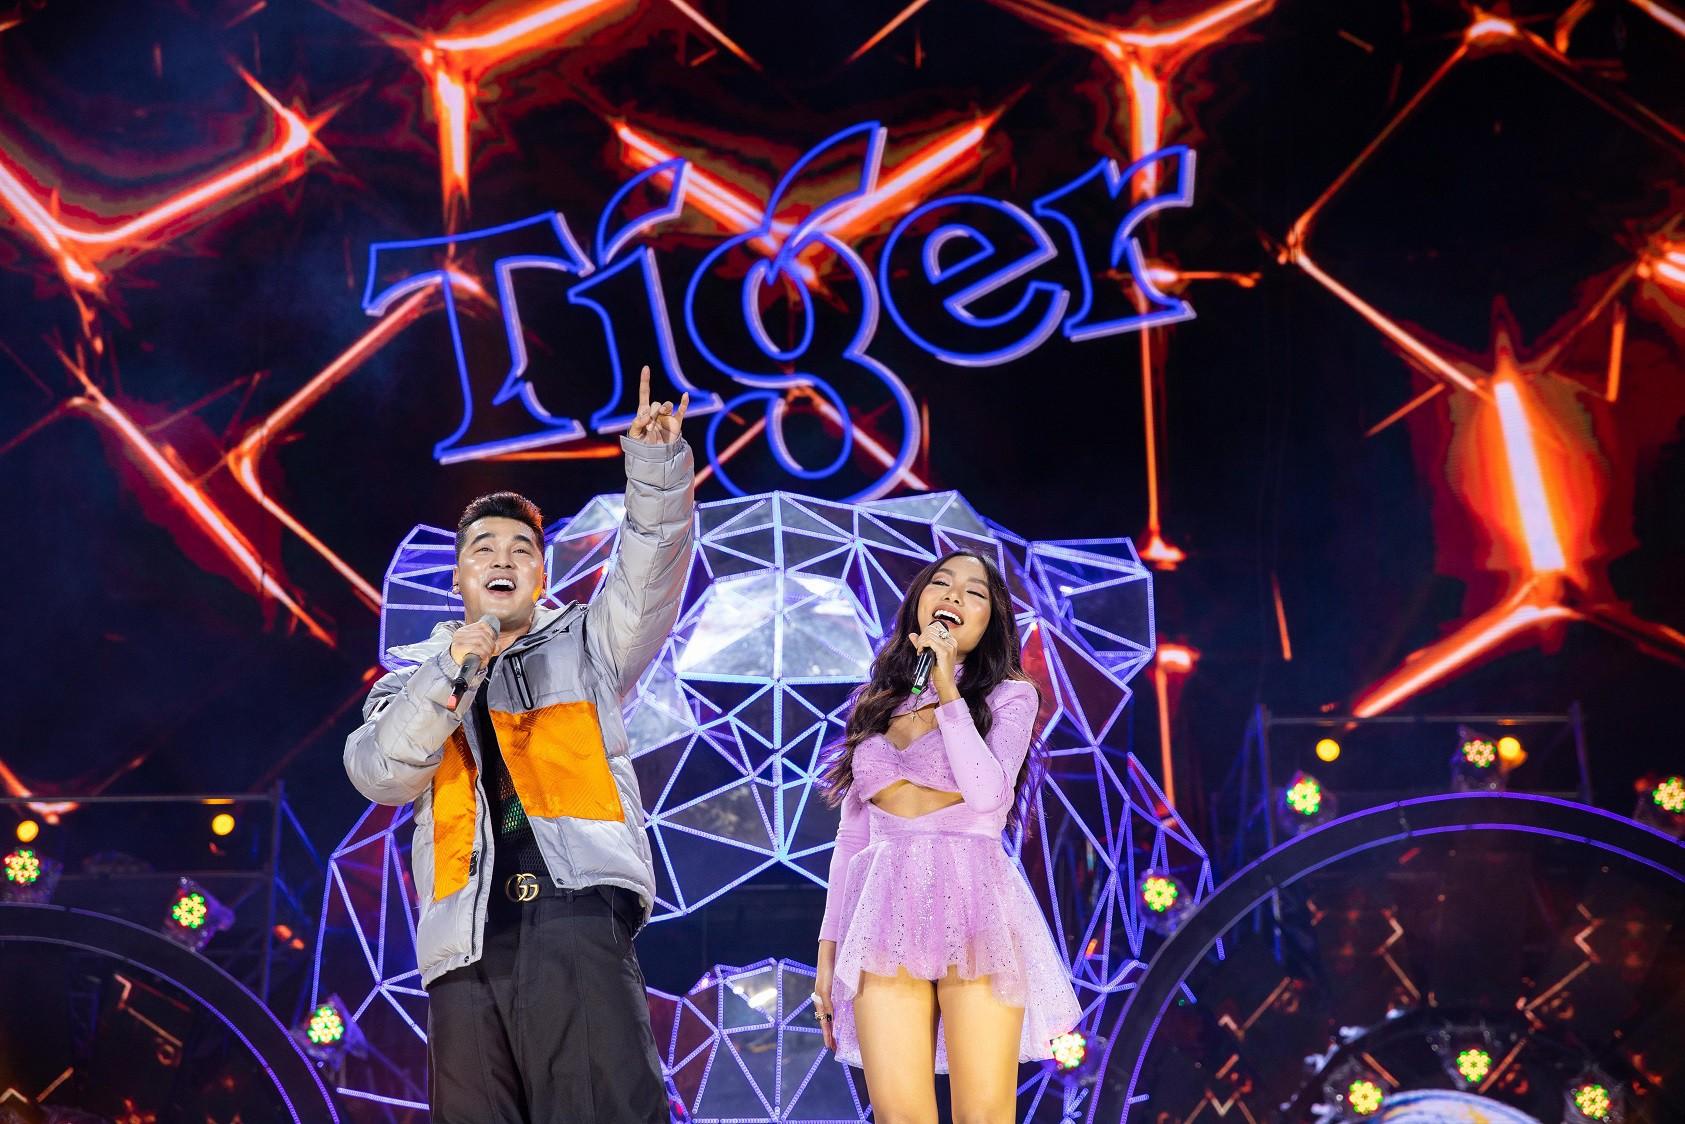 """Sau khăn """"bà ngoại"""", Sơn Tùng tiếp tục khiến fan """"bấn loạn"""" với style """"ông ngoại quốc dân"""" - Ảnh 10."""